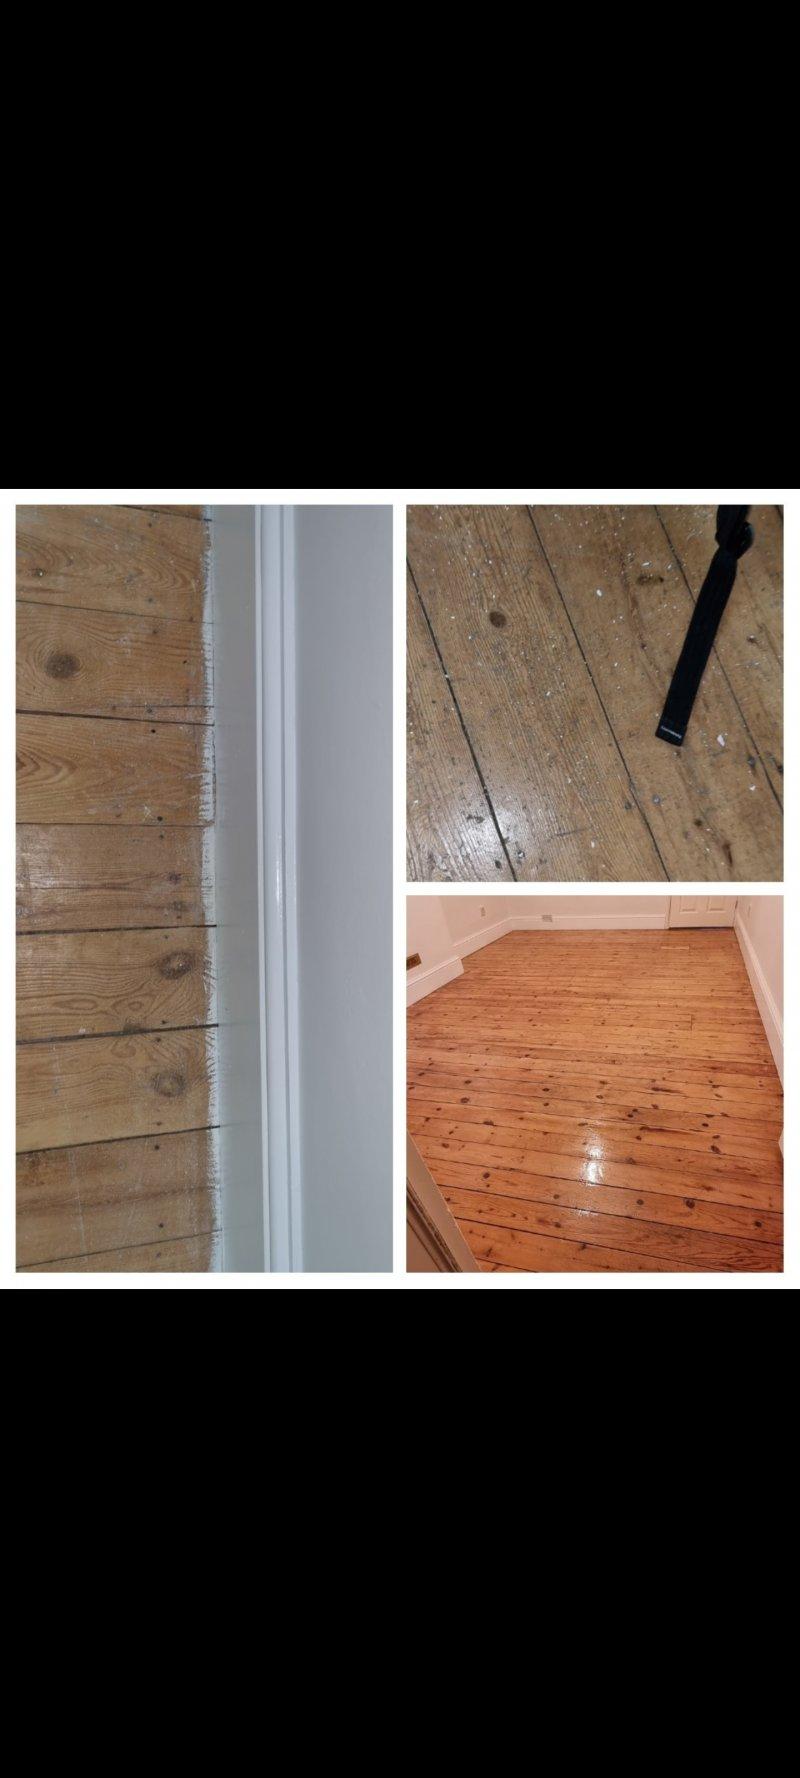 Restore wooden floorboards